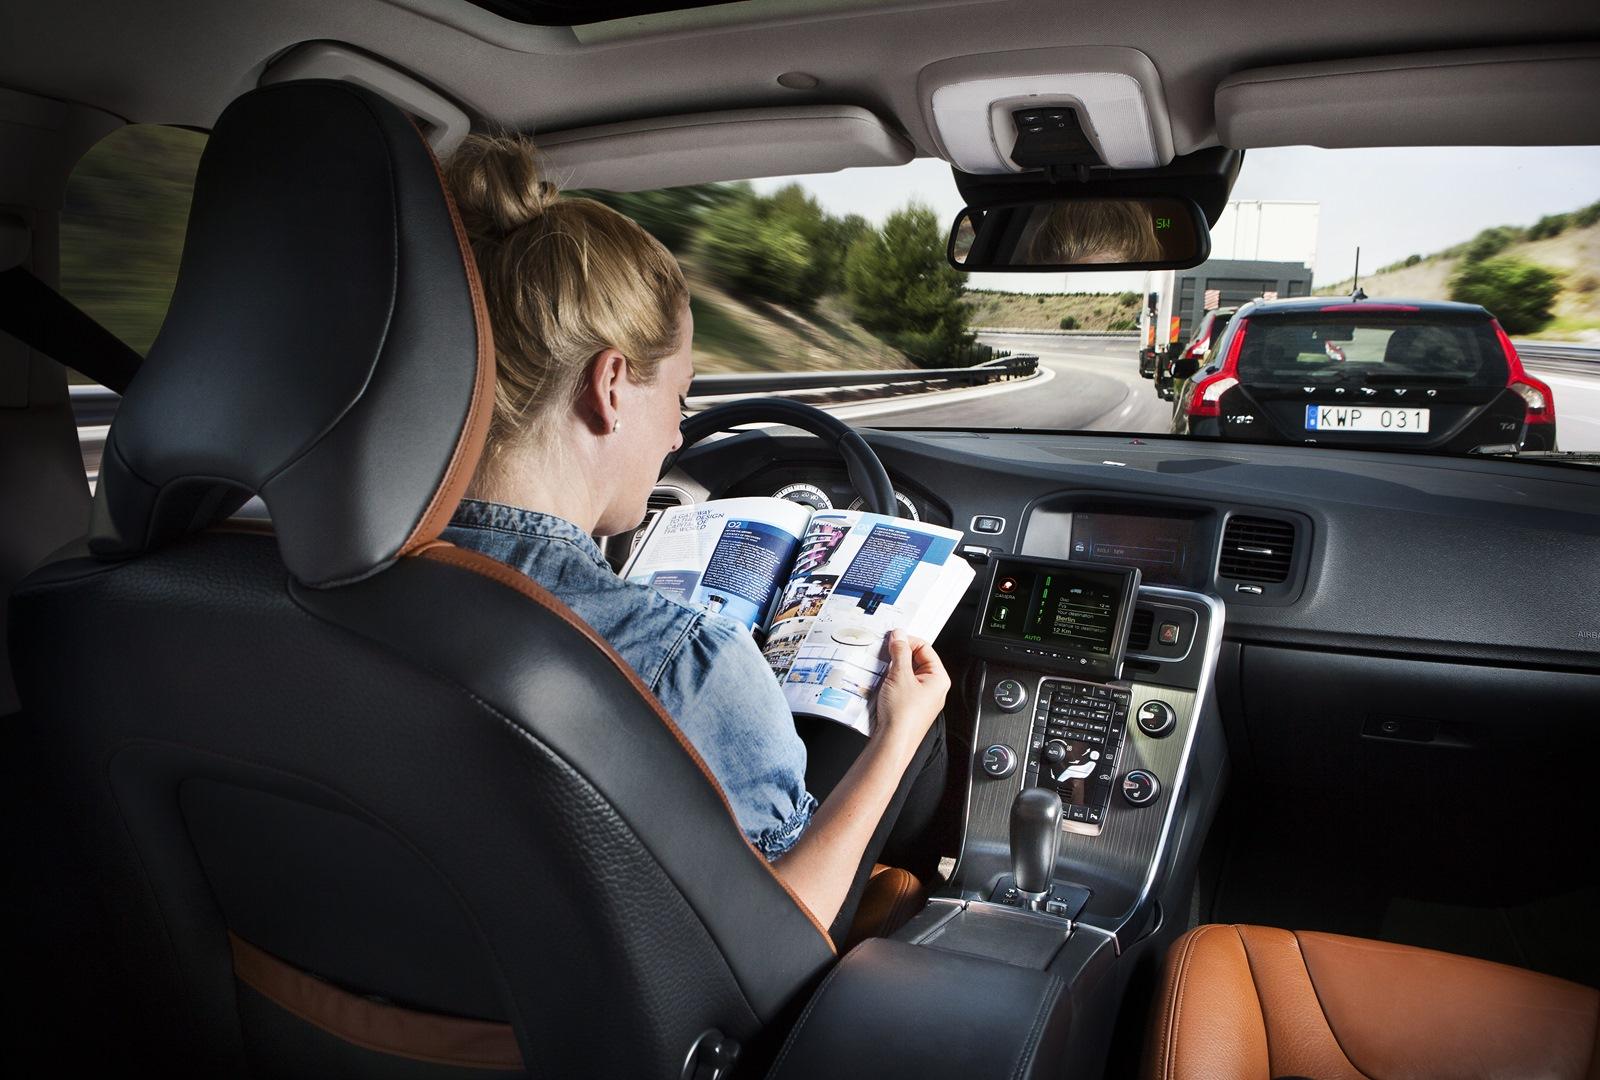 ЧТО ДЕЛАТЬ, если сел аккумулятор, и КАК завести машину в экстремальных условиях. Сел автомобильный аккумулятор